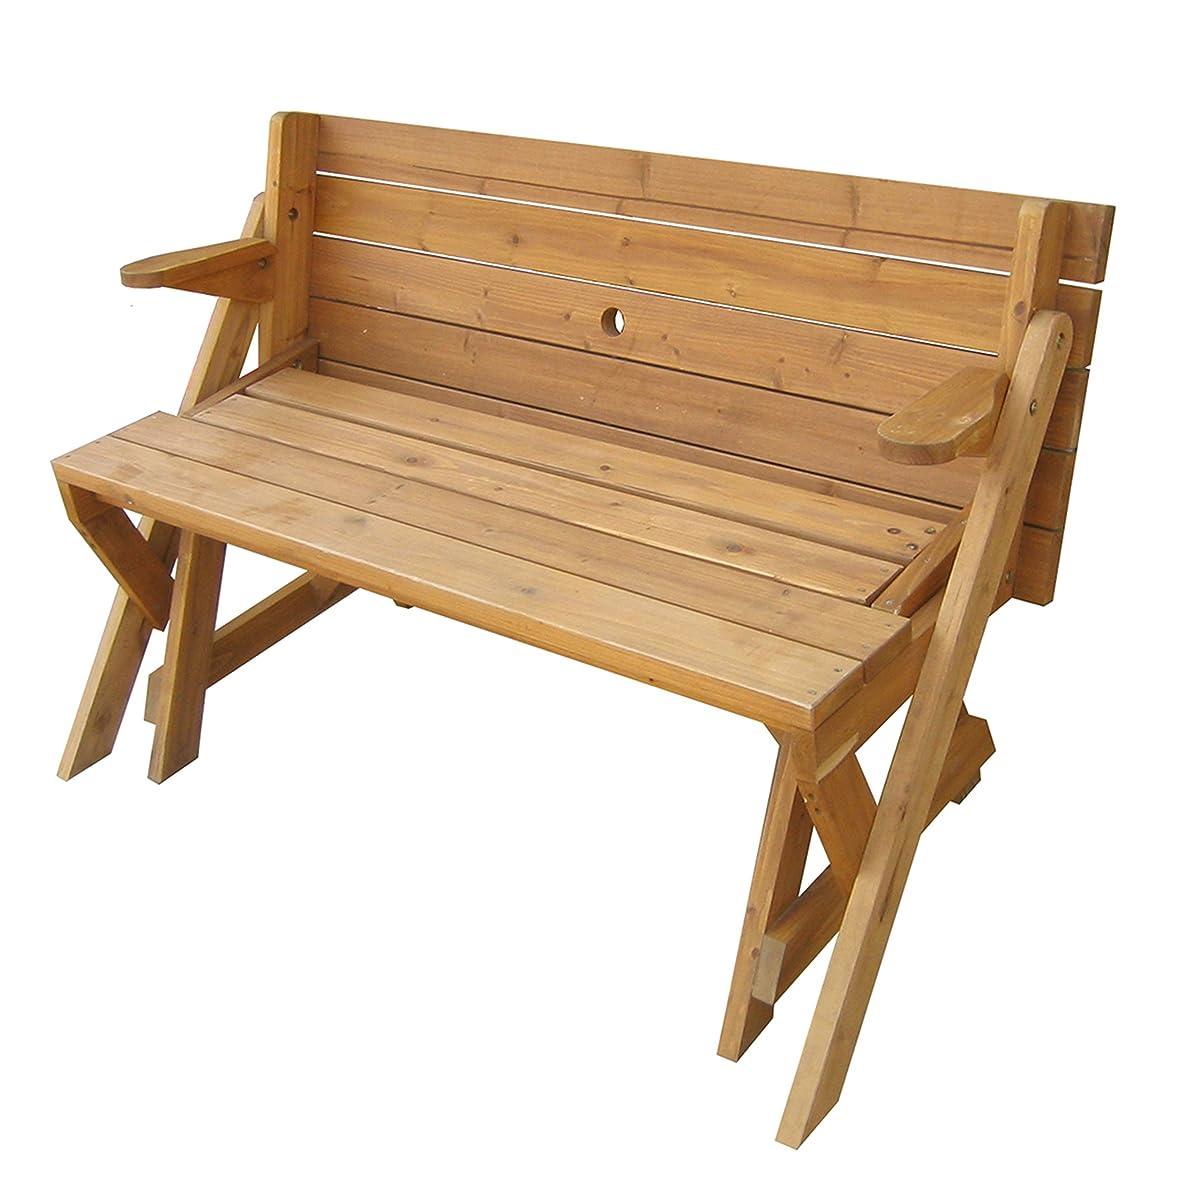 Merry Garden Interchangeable Picnic Table and Garden Bench